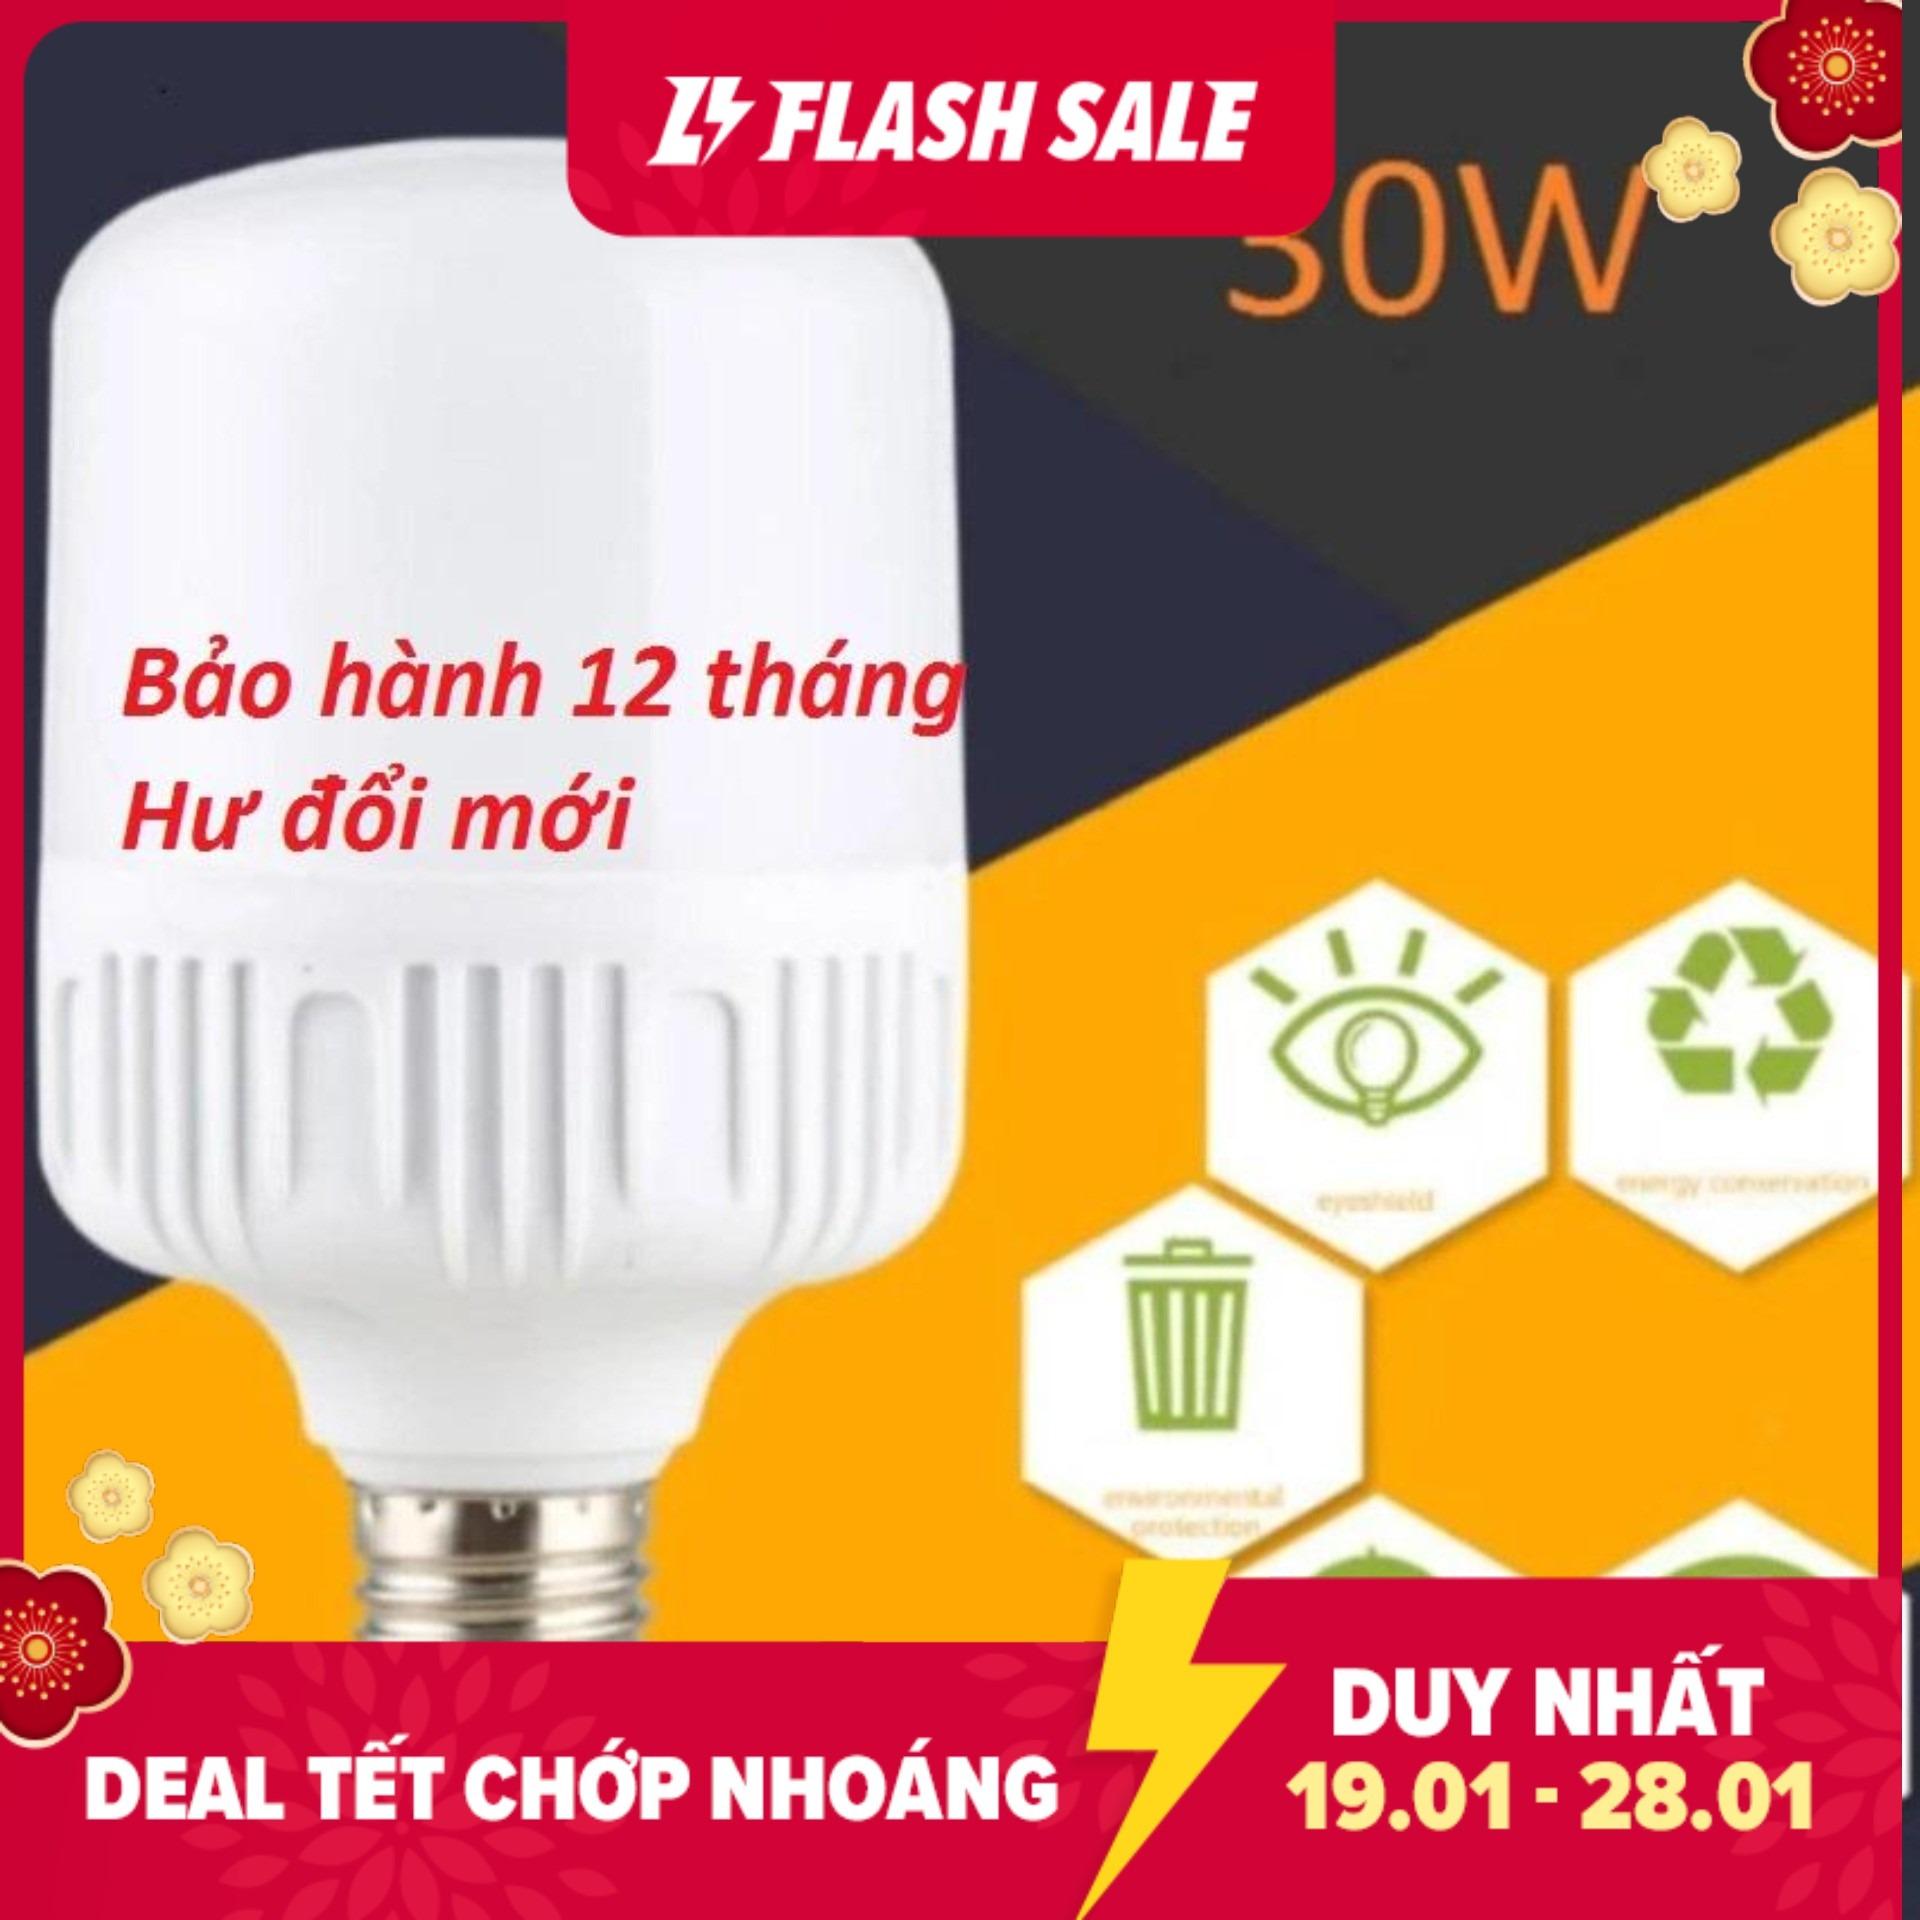 Bộ 3 bóng đèn Led trụ 30W siêu sáng tiết kiệm điện-Bảo hành: 12 tháng